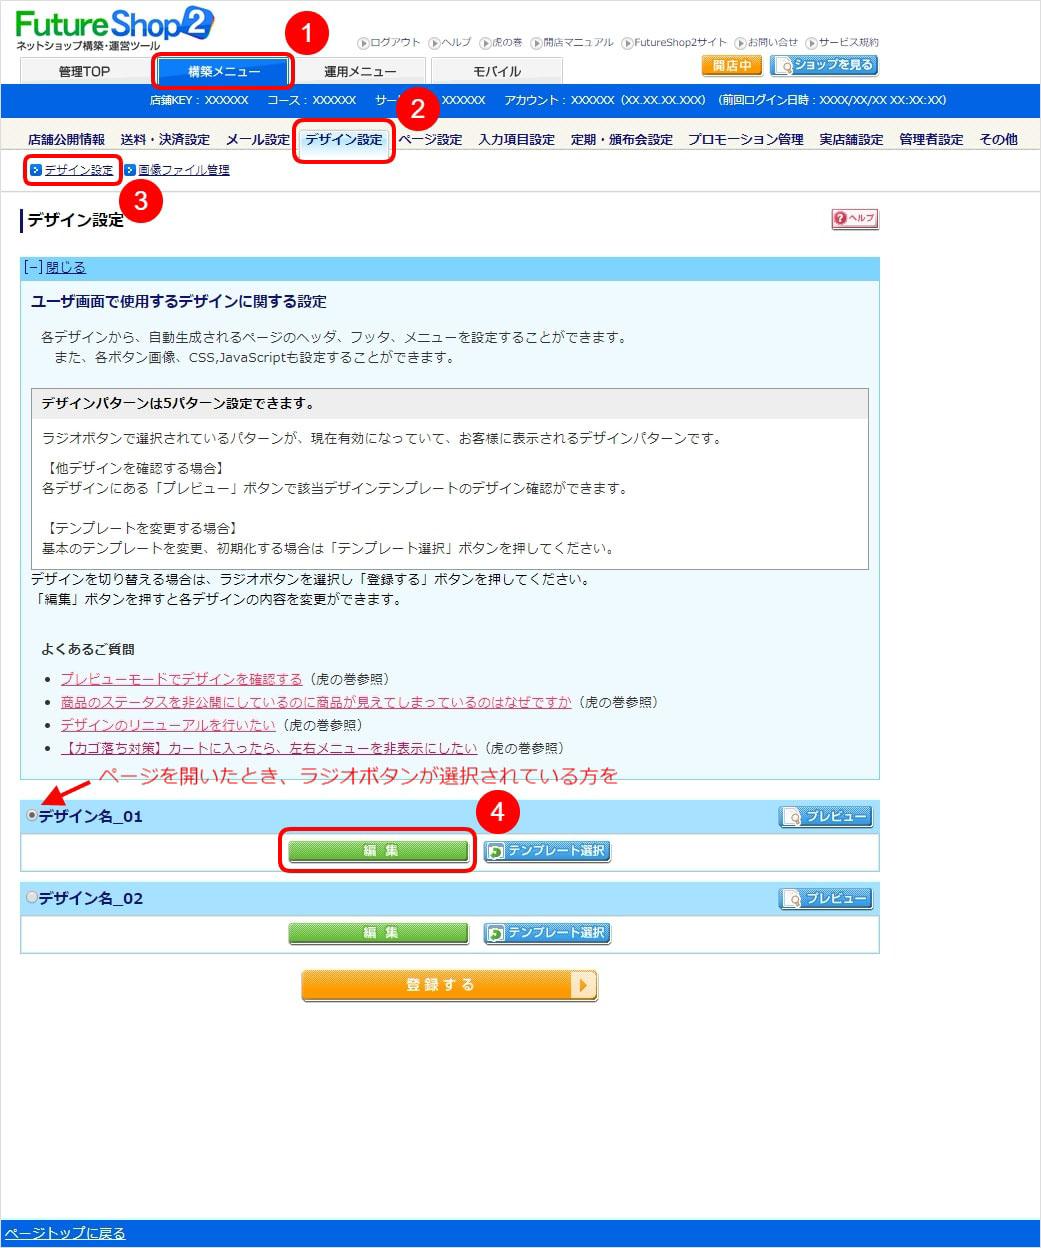 """""""Futureshop2""""デスクトップ全ページの内にタグを設置する手順その①"""